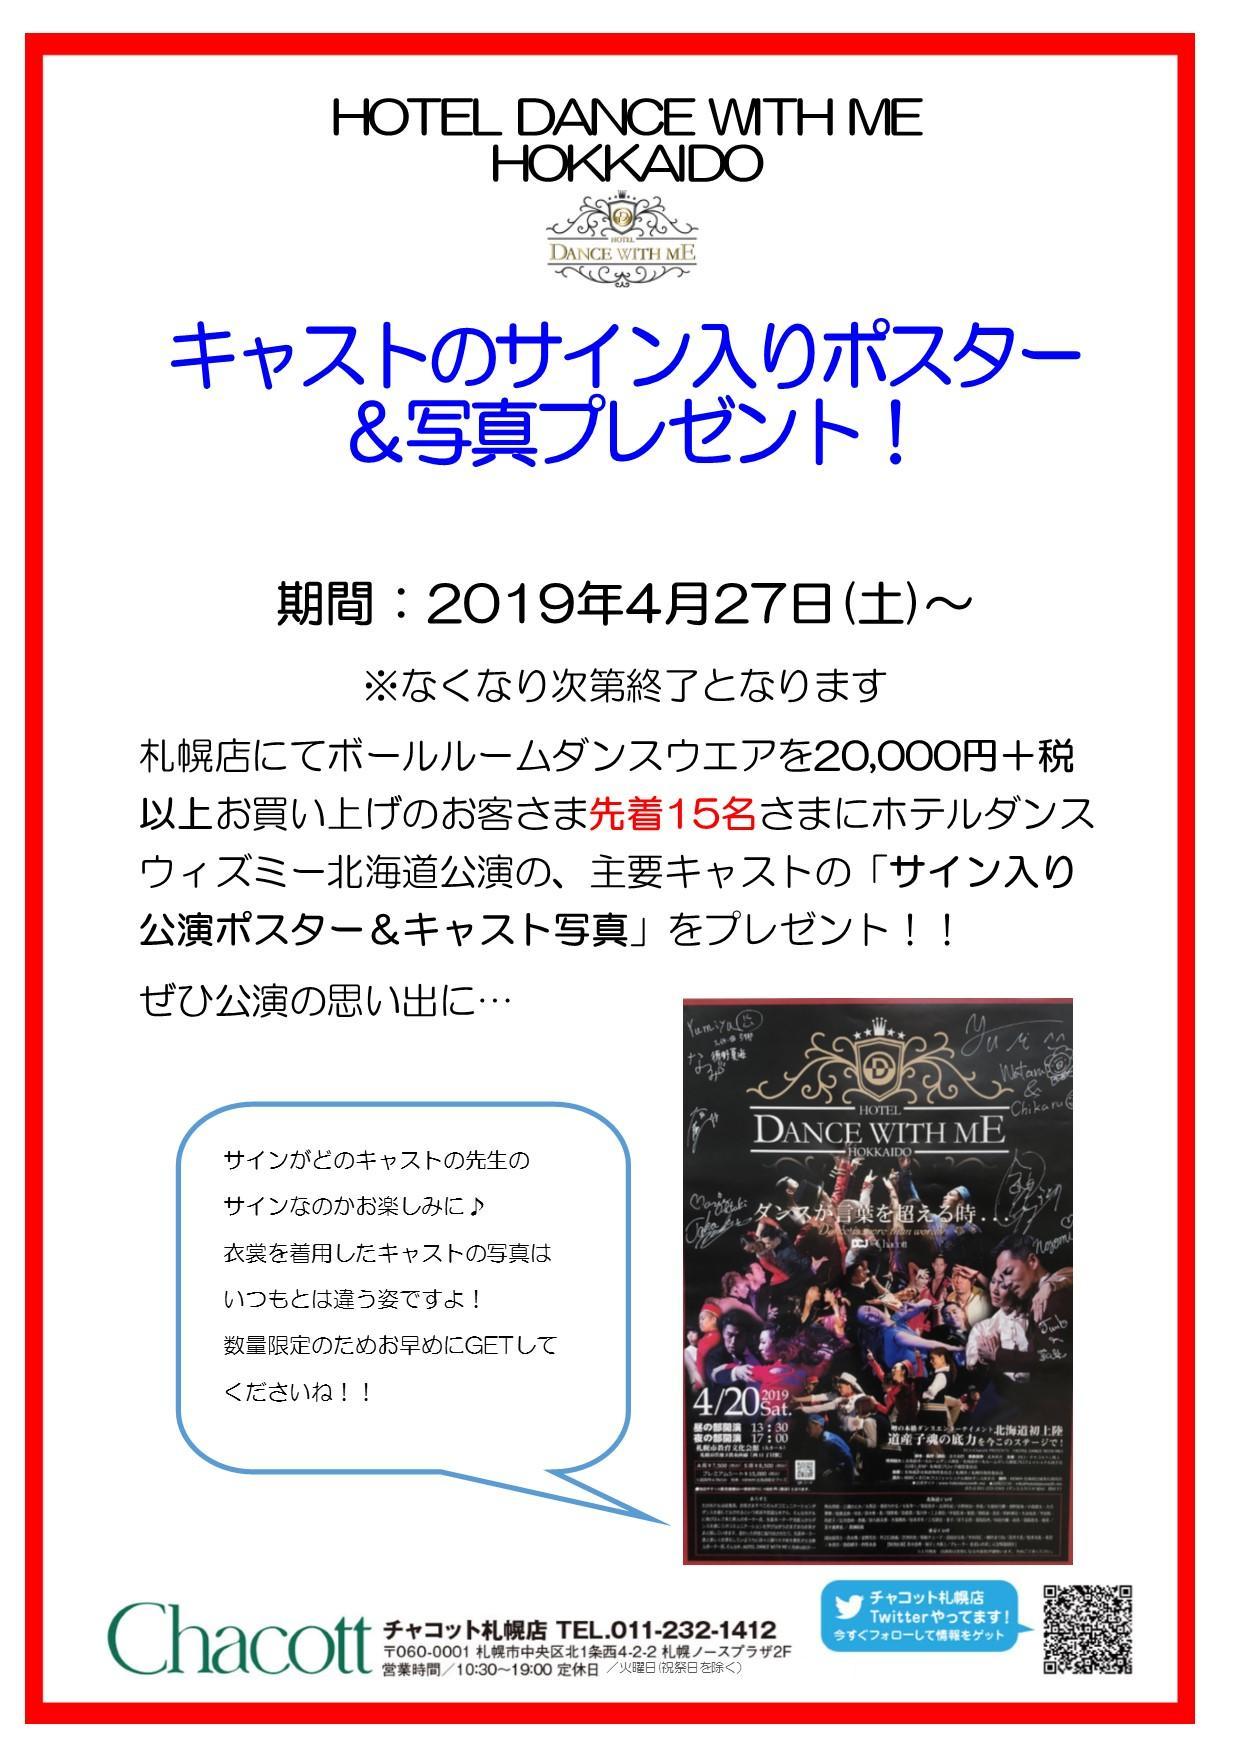 ホテルダンスウィズミー サイン入りポスター&写真プレゼント!